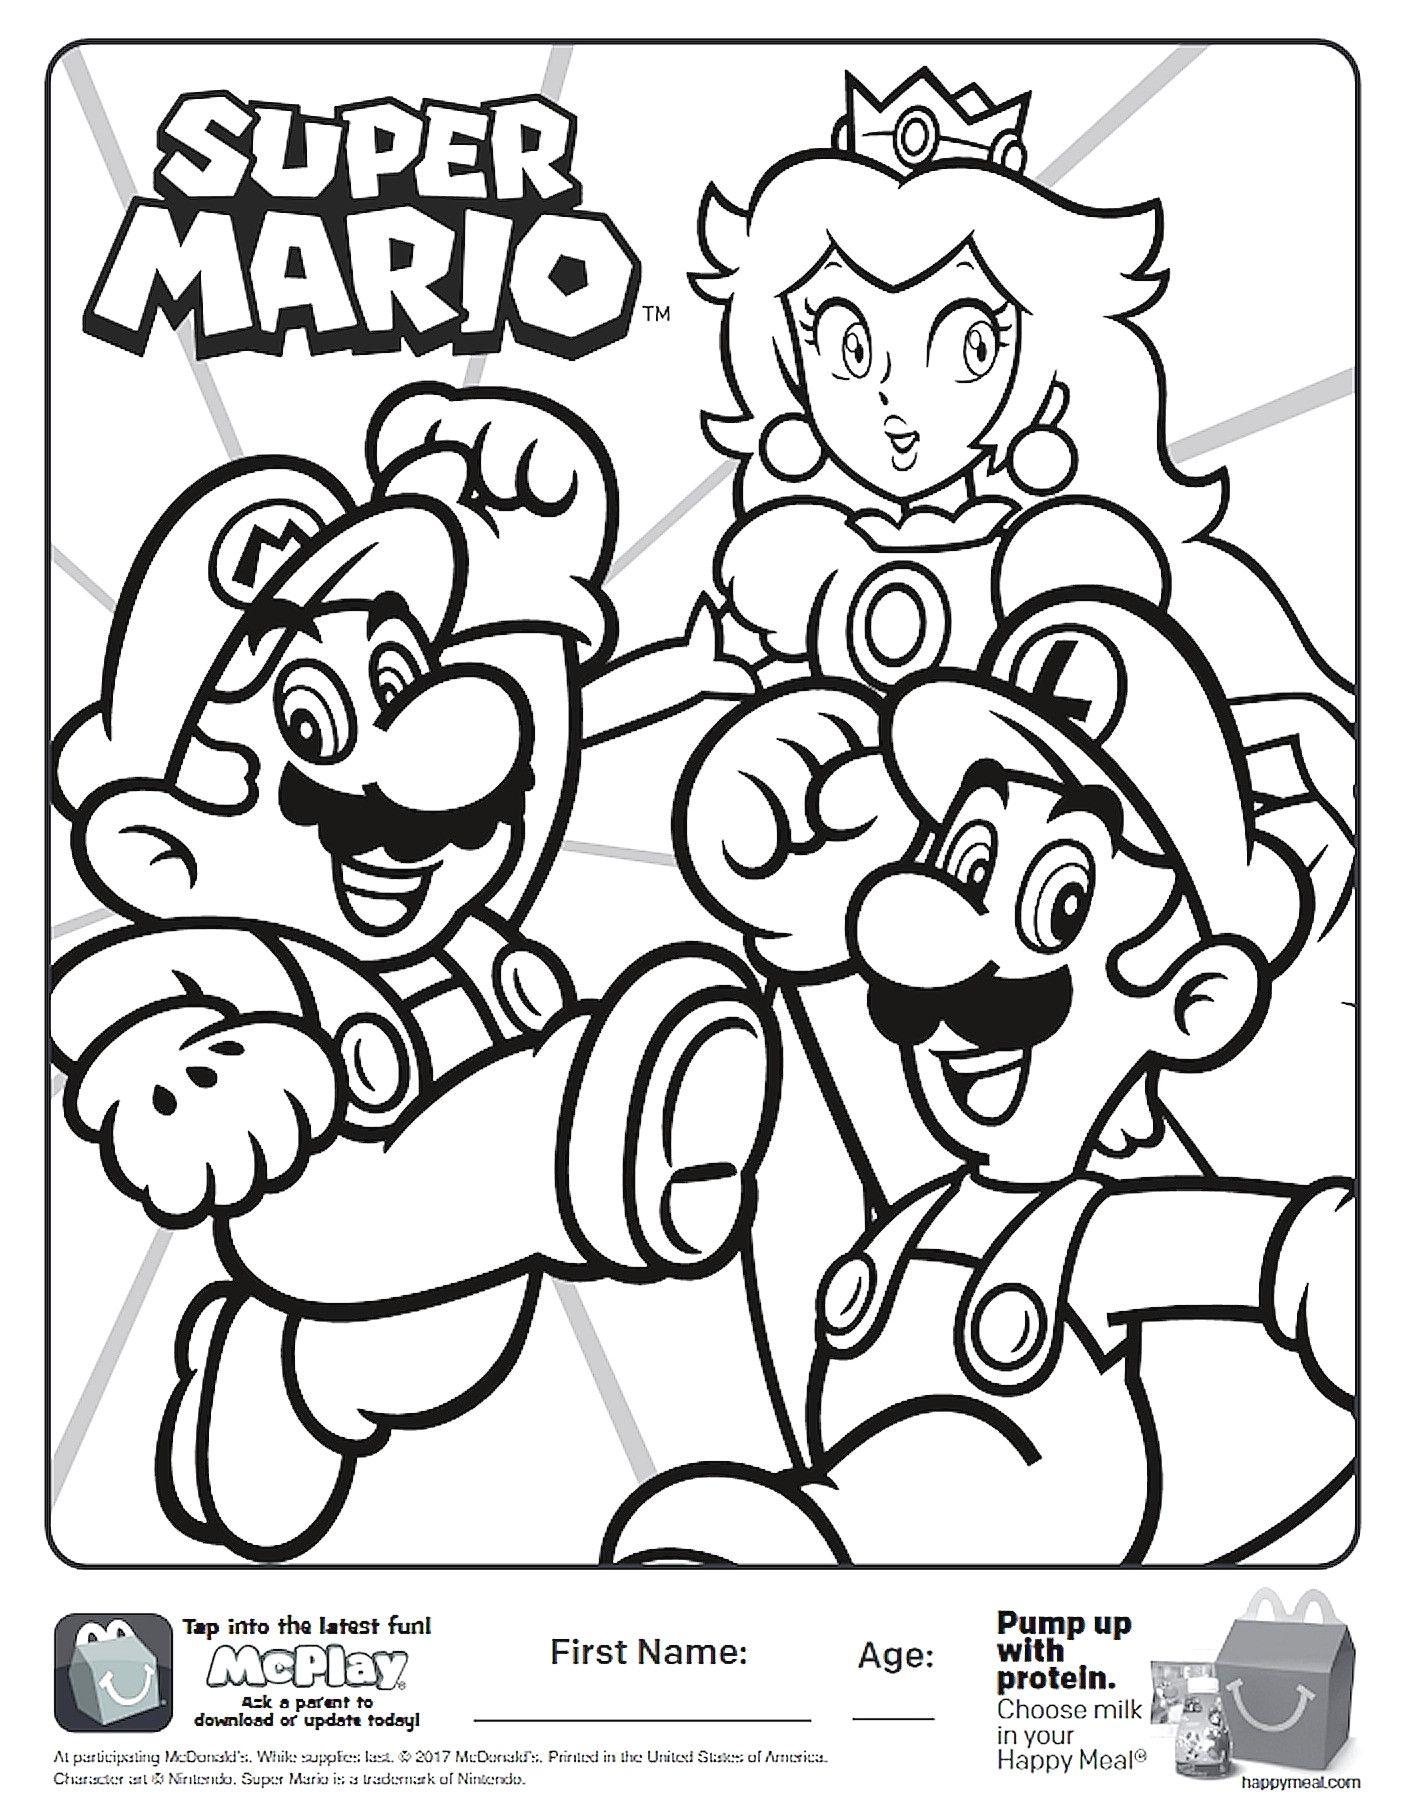 Super Mario Bros Coloring Pages Super Mario Bros Coloring Pages 24 Boo Pinterest Free Coloring Entitlementtrap Com Jesus Para Colorear Dibujos Para Colorear Adultos Paginas Para Colorear De Animales